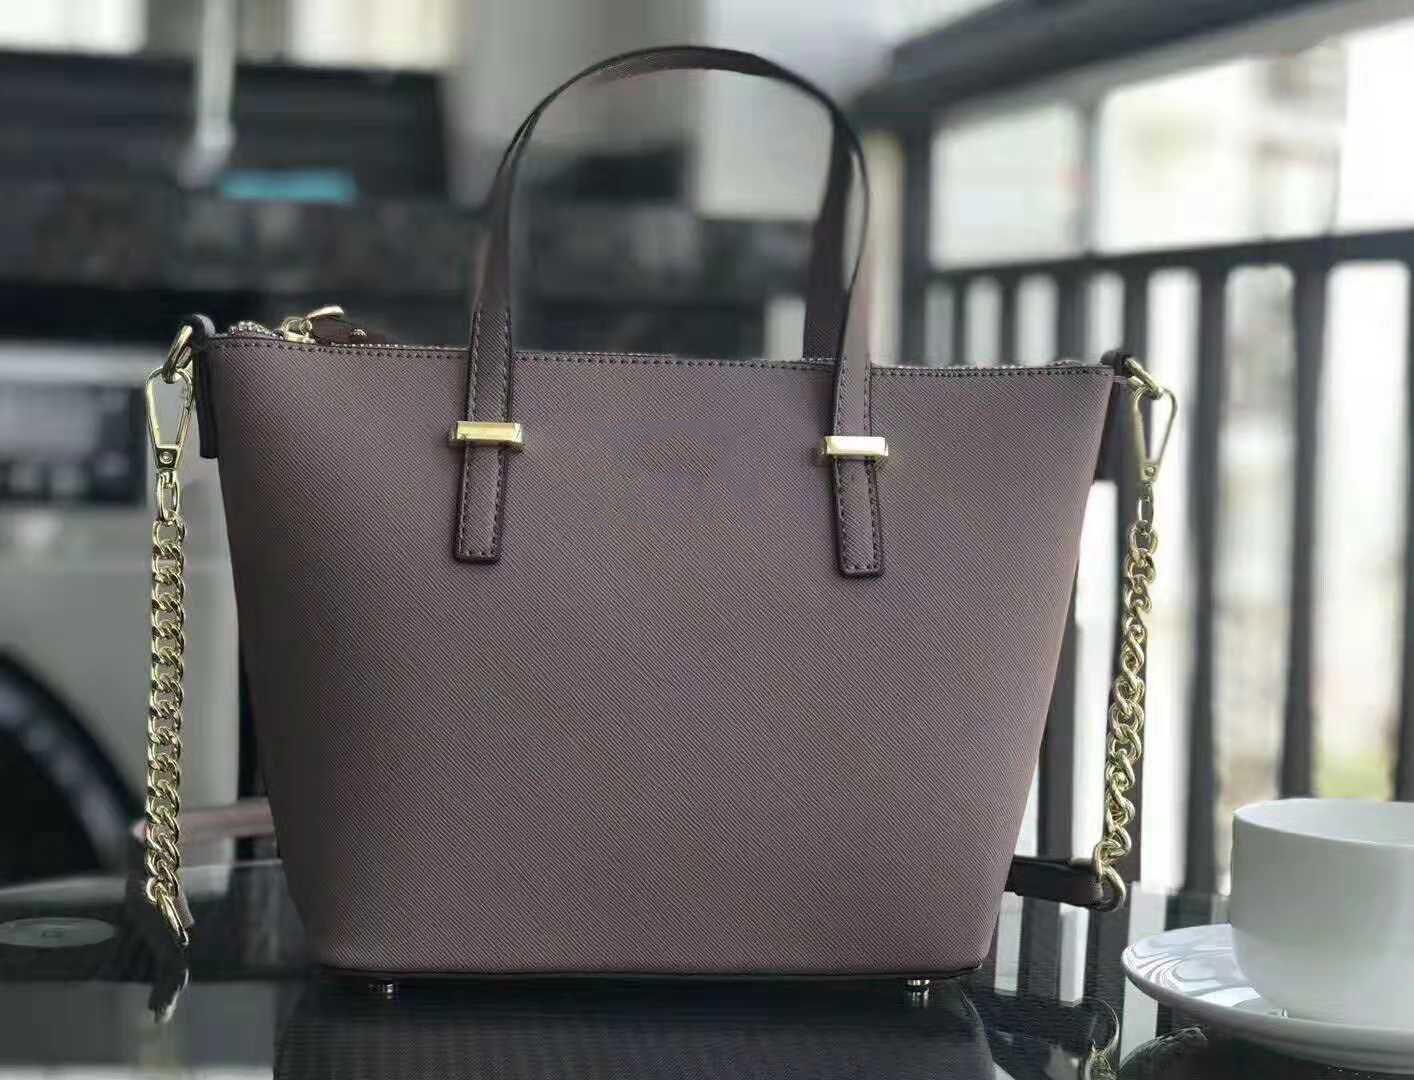 Бренд дизайнер Женщины сумки кроссбоди кошельки сумки Сумки PU сумки кошельки ремни противоскольжения